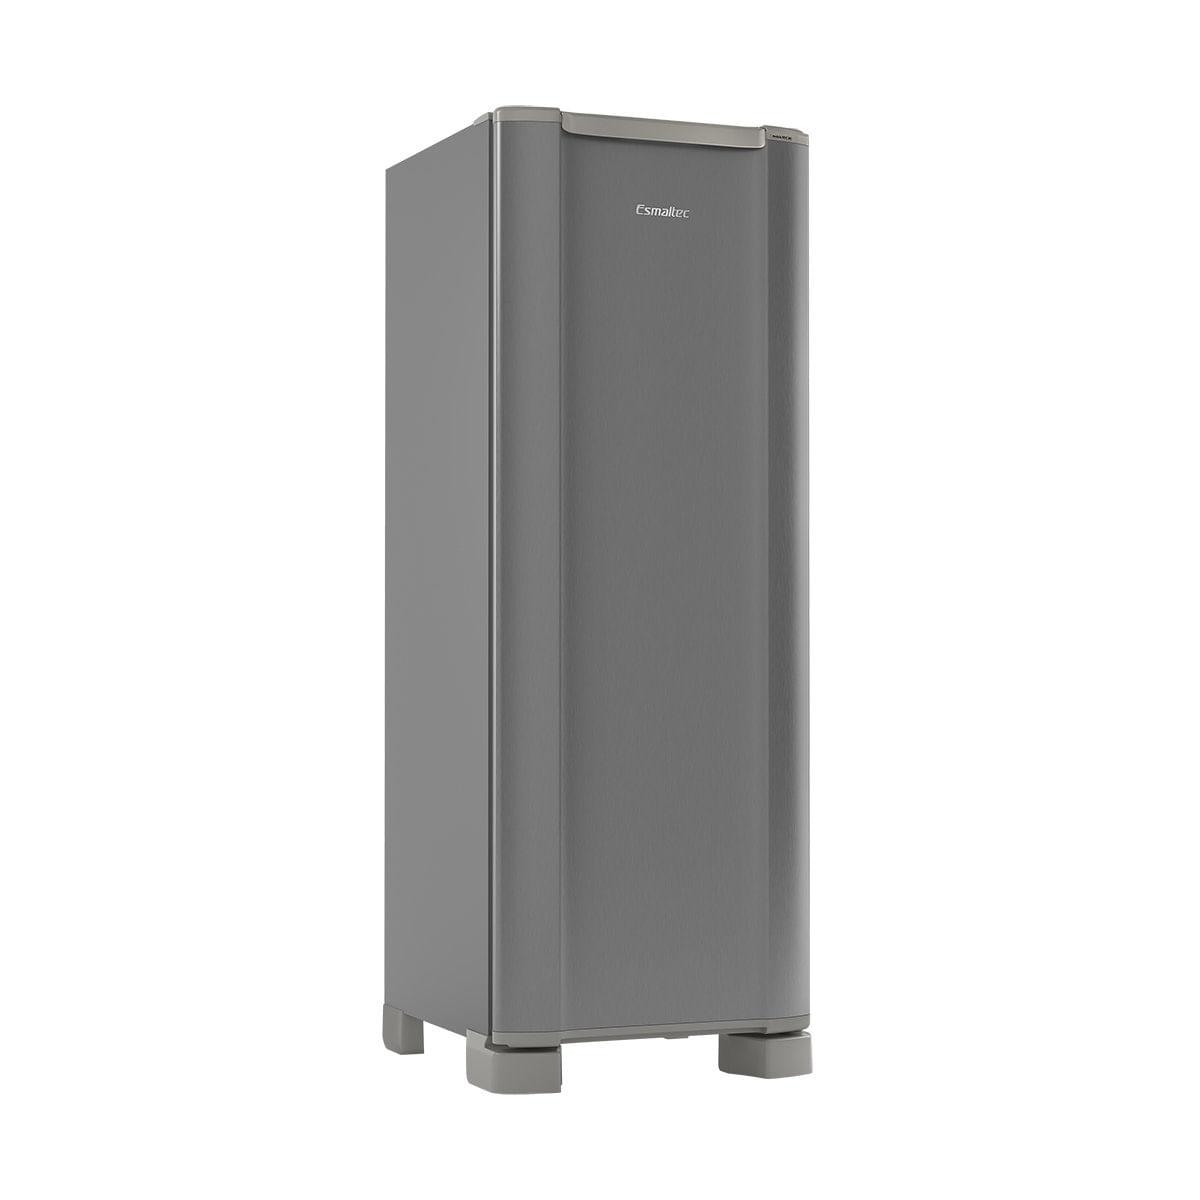 Geladeira/refrigerador 259 Litros 1 Portas Inox - Esmaltec - 220v - Roc35